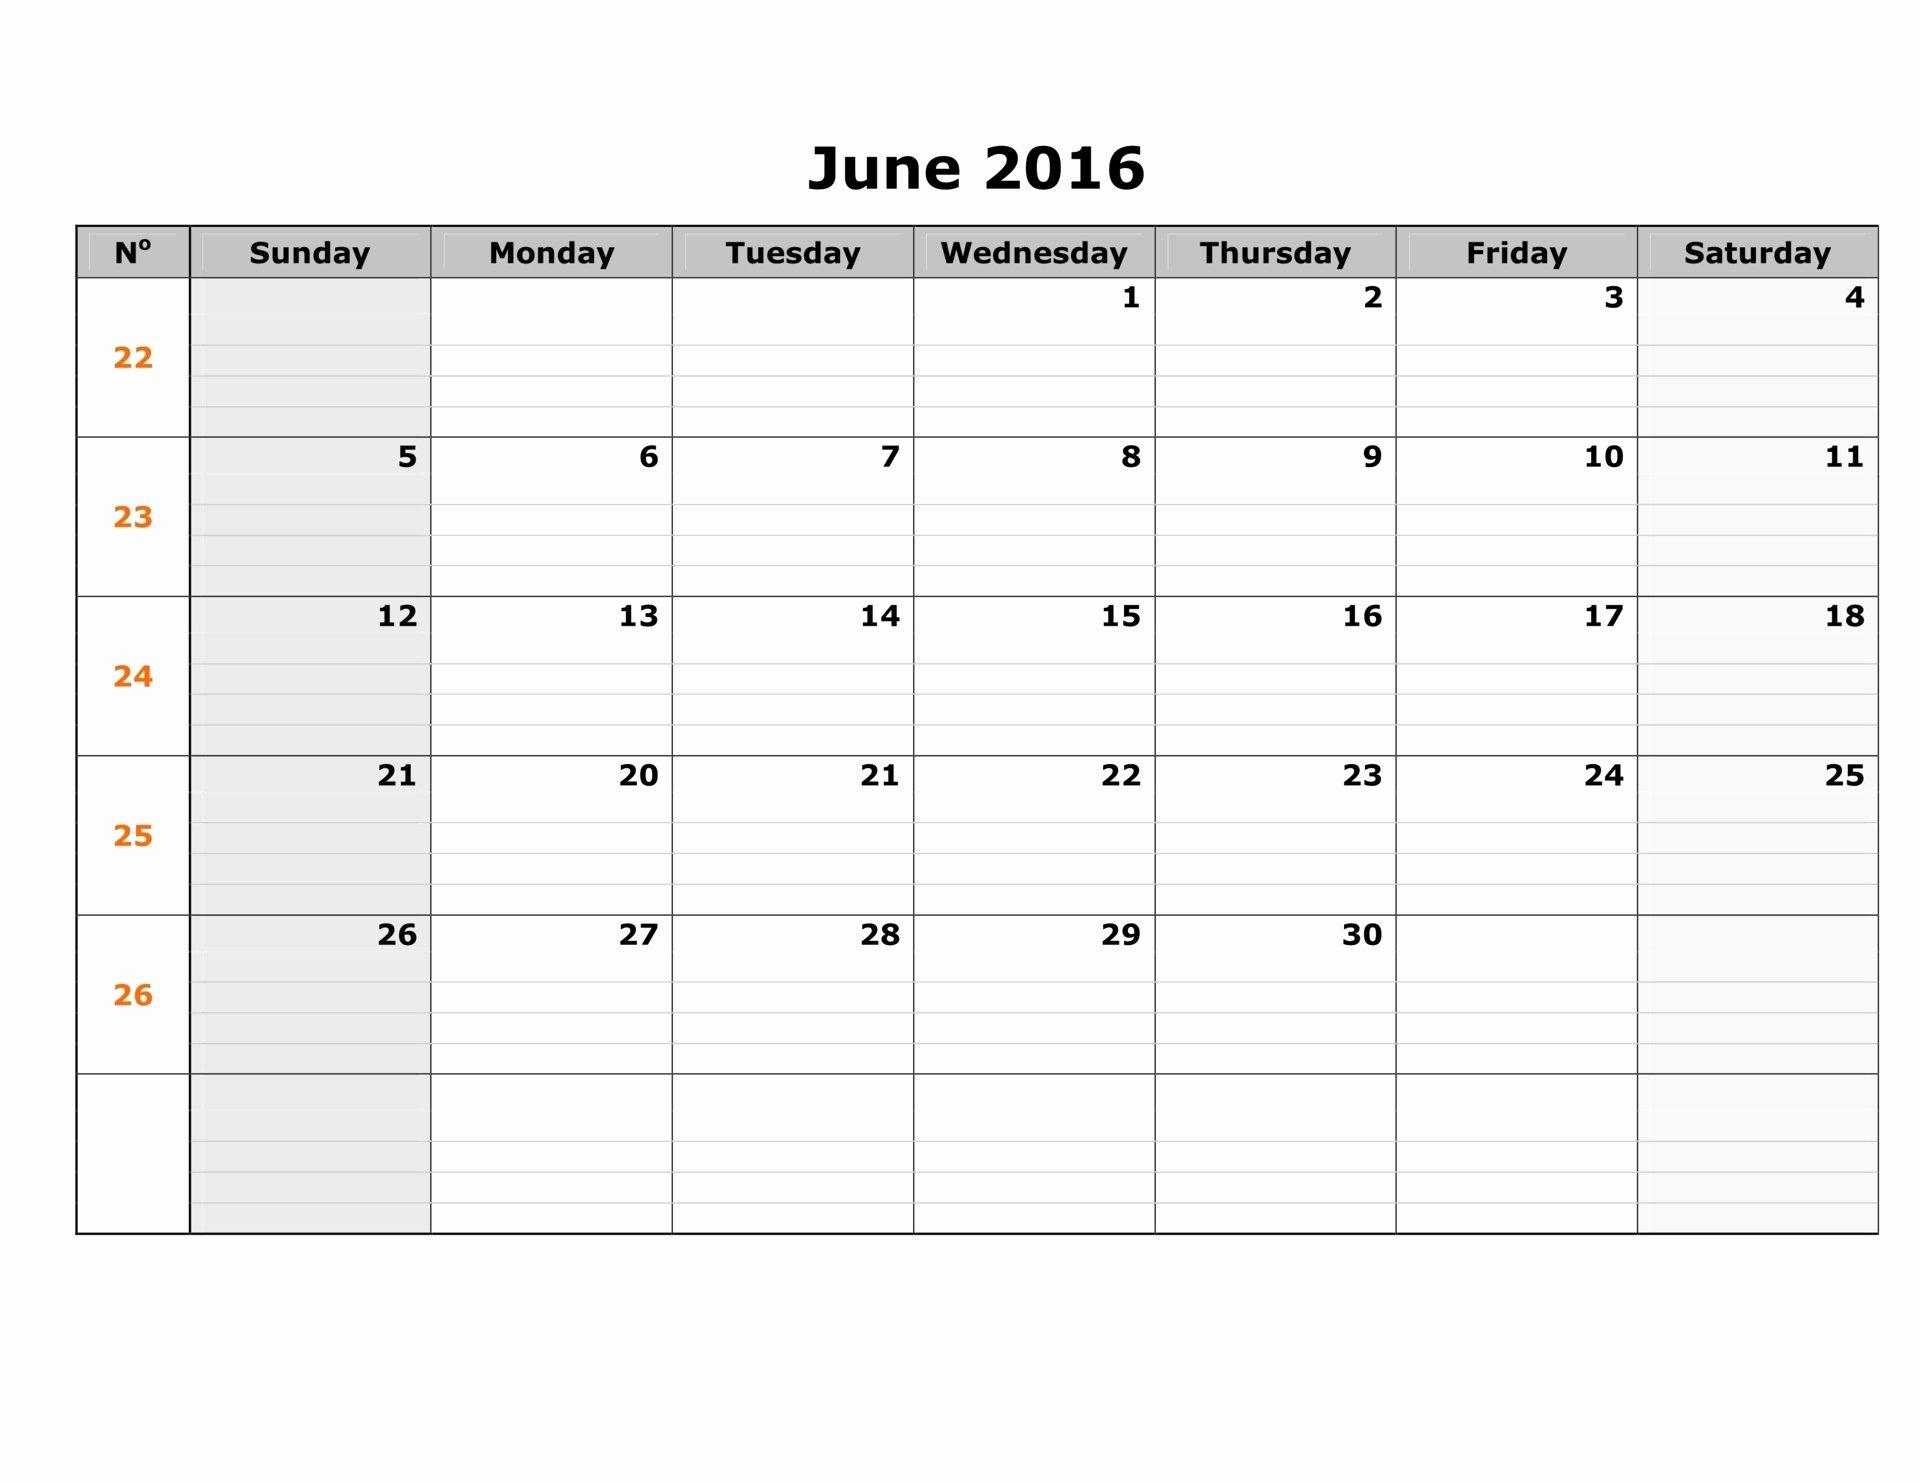 June 2016 Weekly Calendar